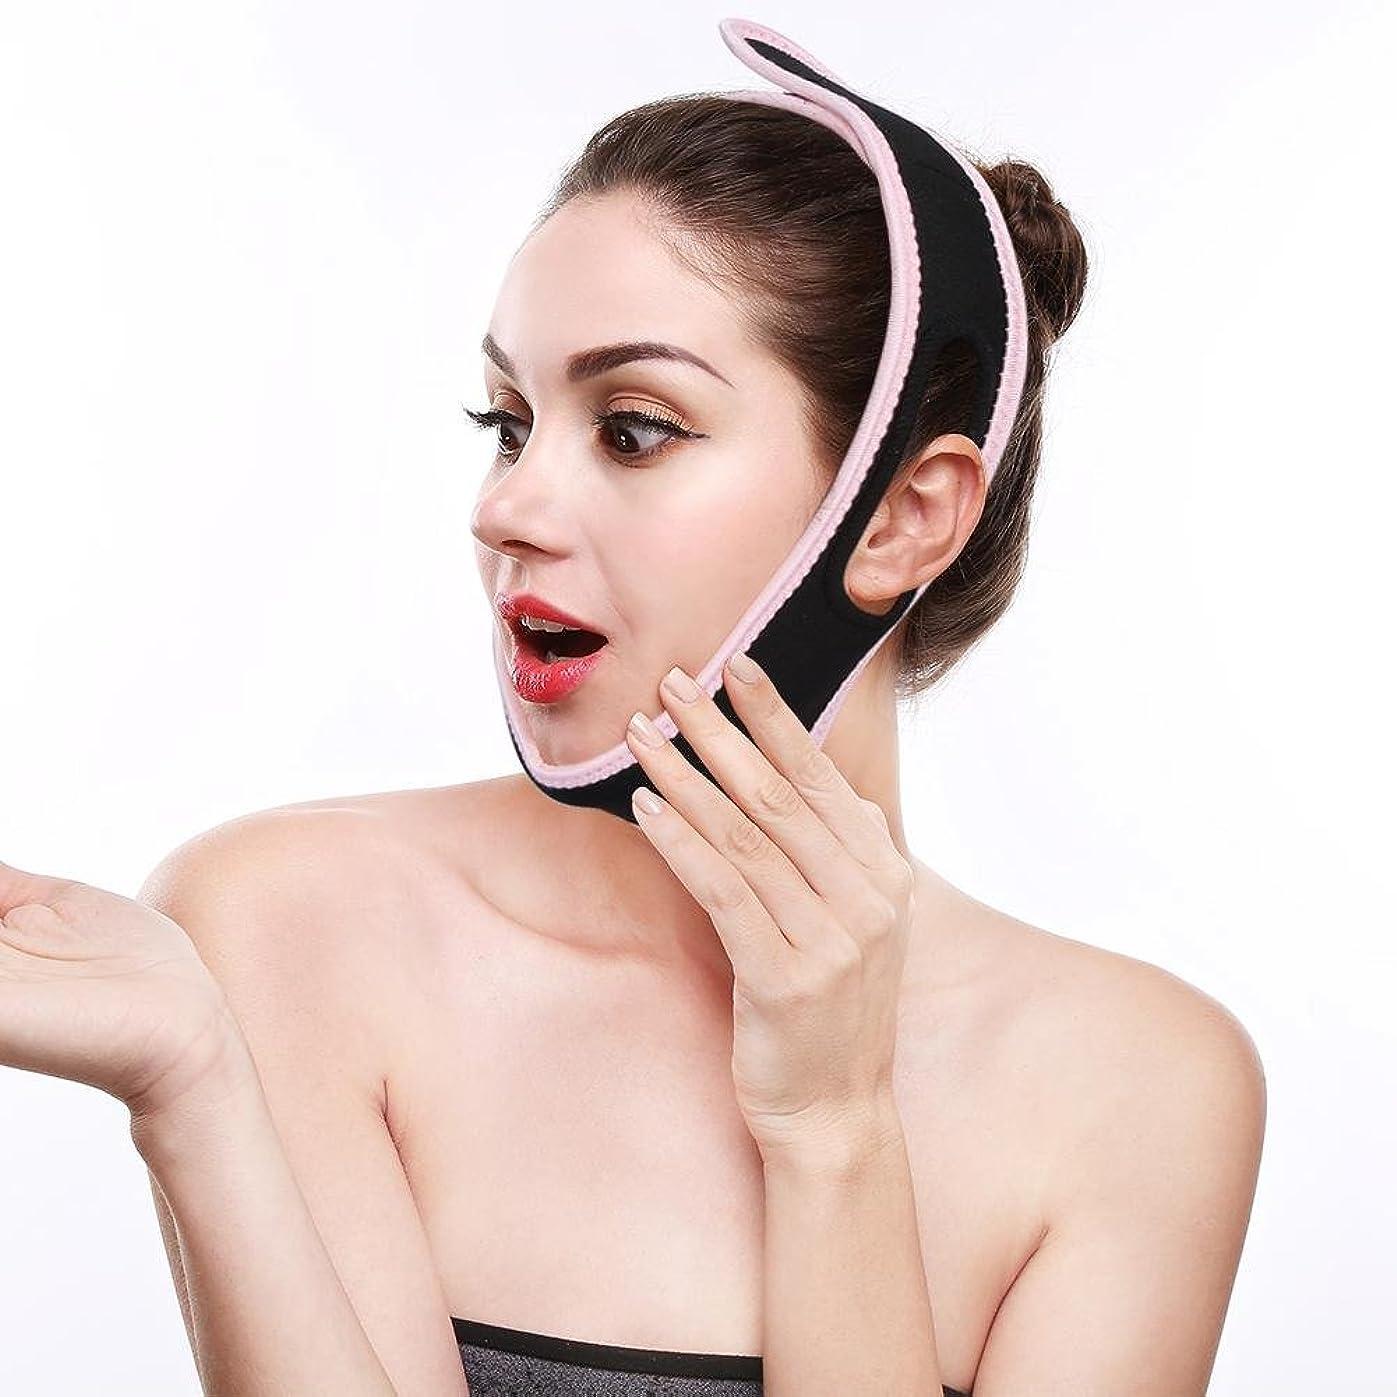 豊かな盲信文明化フェイススリミング包帯、顎リフト フェイススリミング包帯 Vフェイス バンデージ フェイスリフトマスク